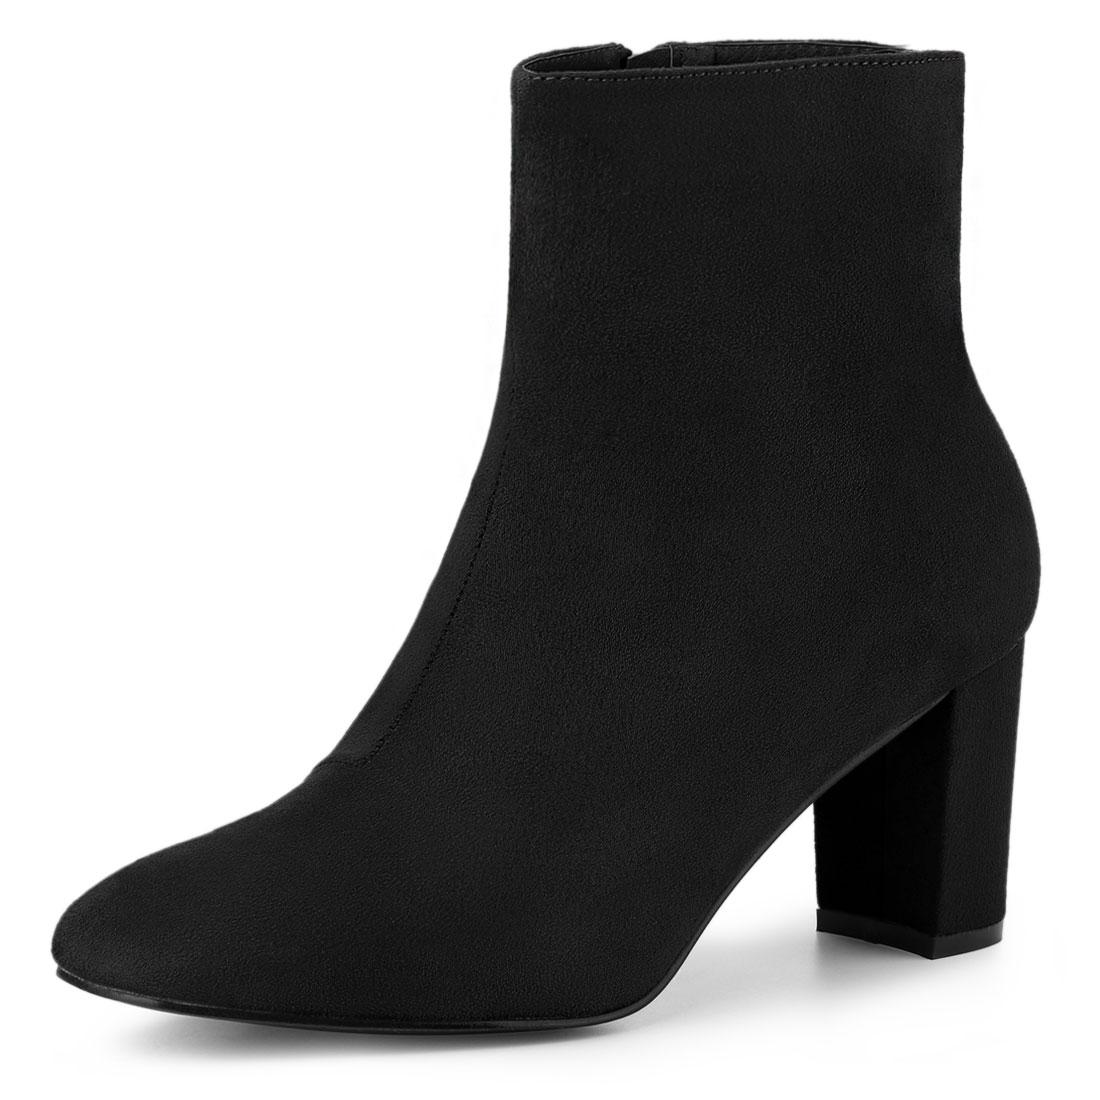 Allegra K Women's Dress Side Zip Chunky Heel Ankle Boots Black US 9